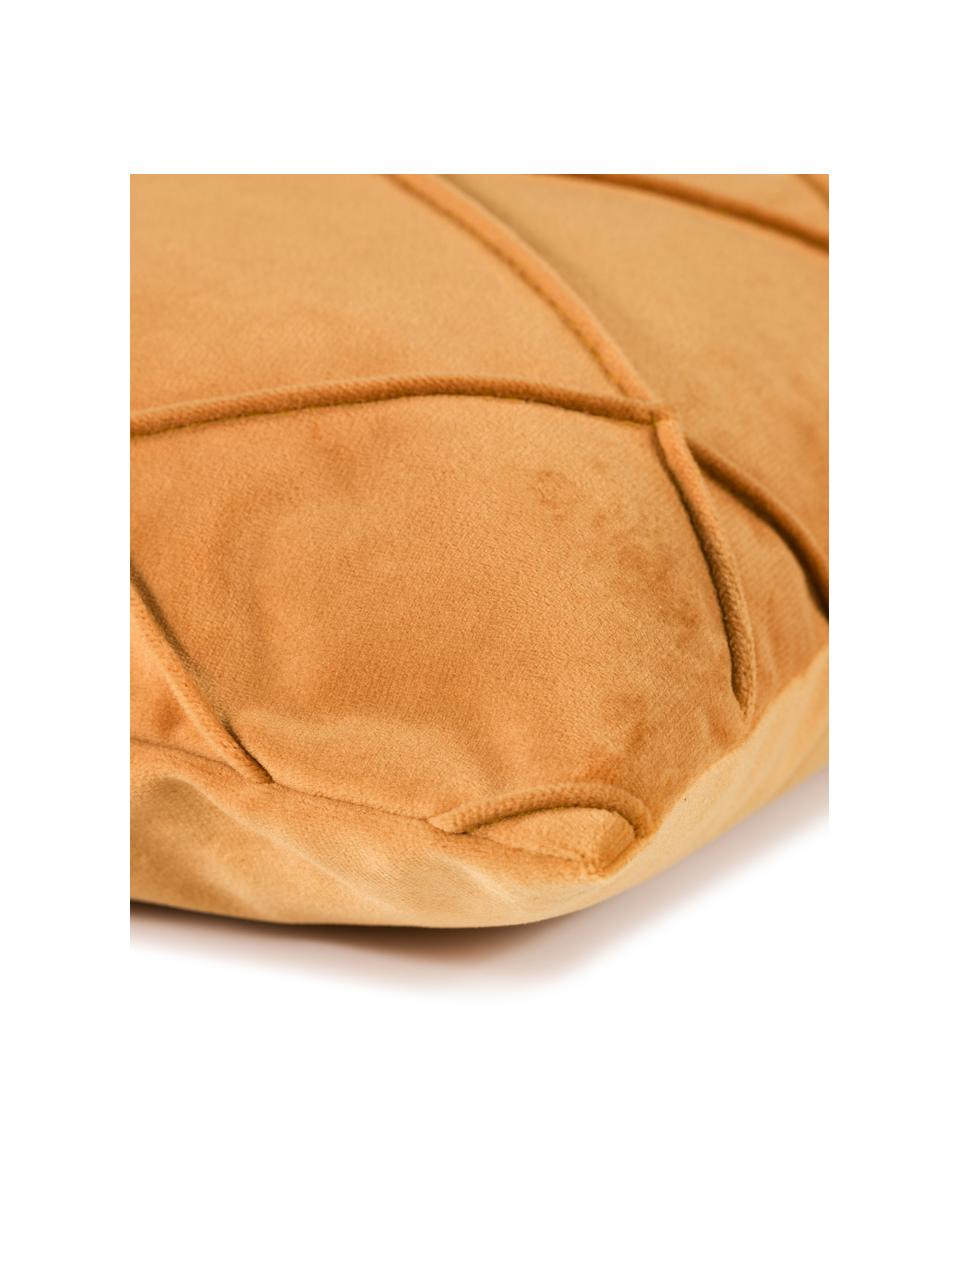 Federa arredo in velluto con motivo a rombi Nobless, 100% velluto di poliestere, Giallo, Larg. 40 x Lung. 40 cm